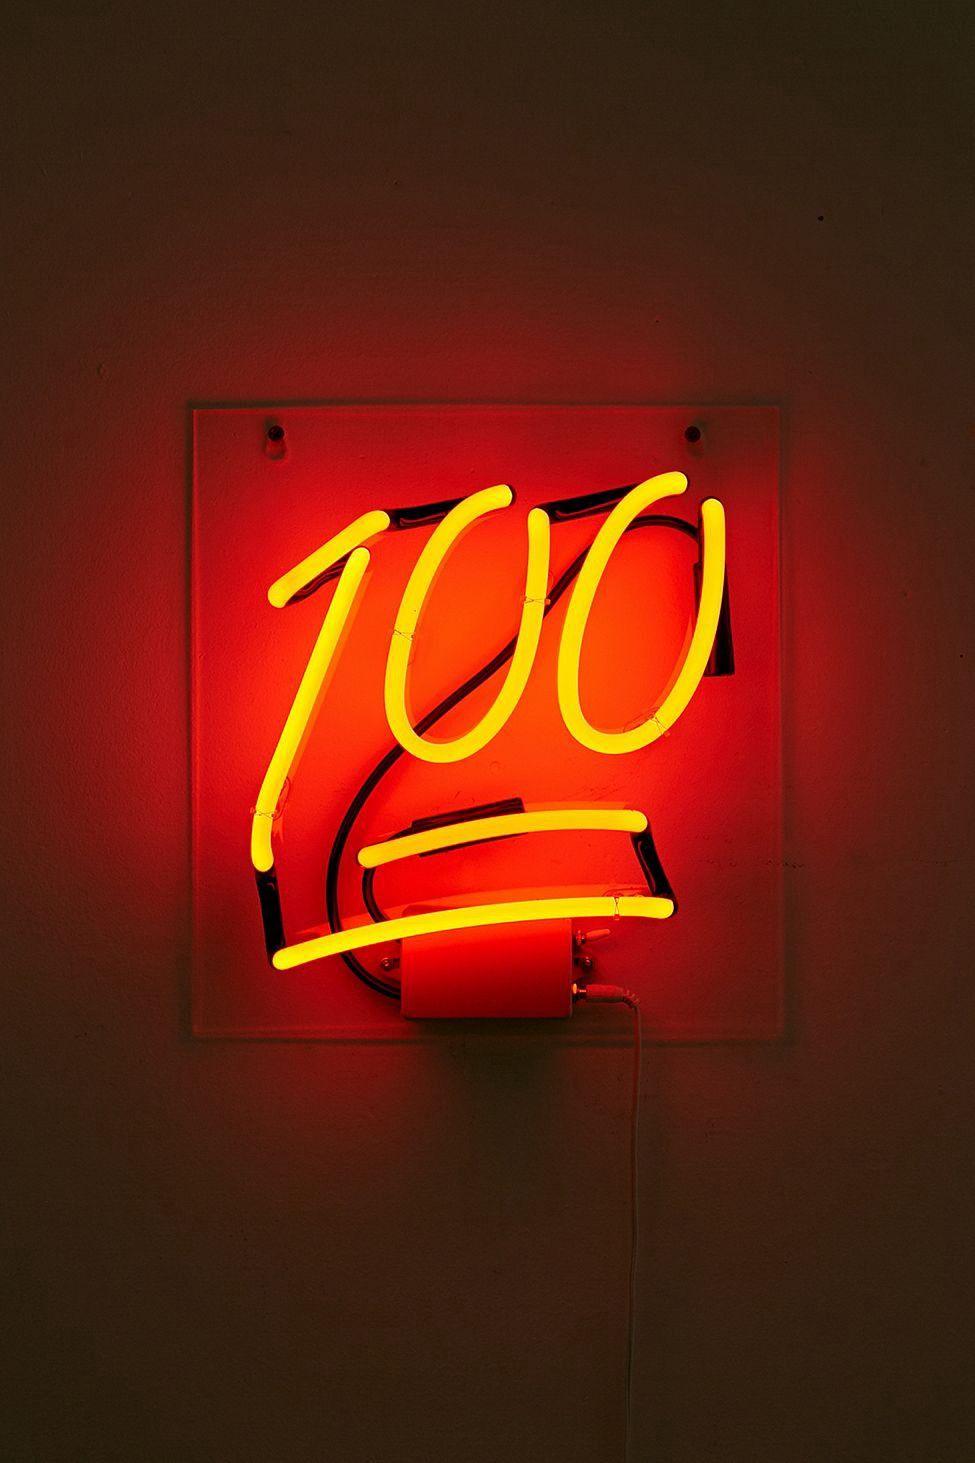 Orange Neon Aesthetic Pictures